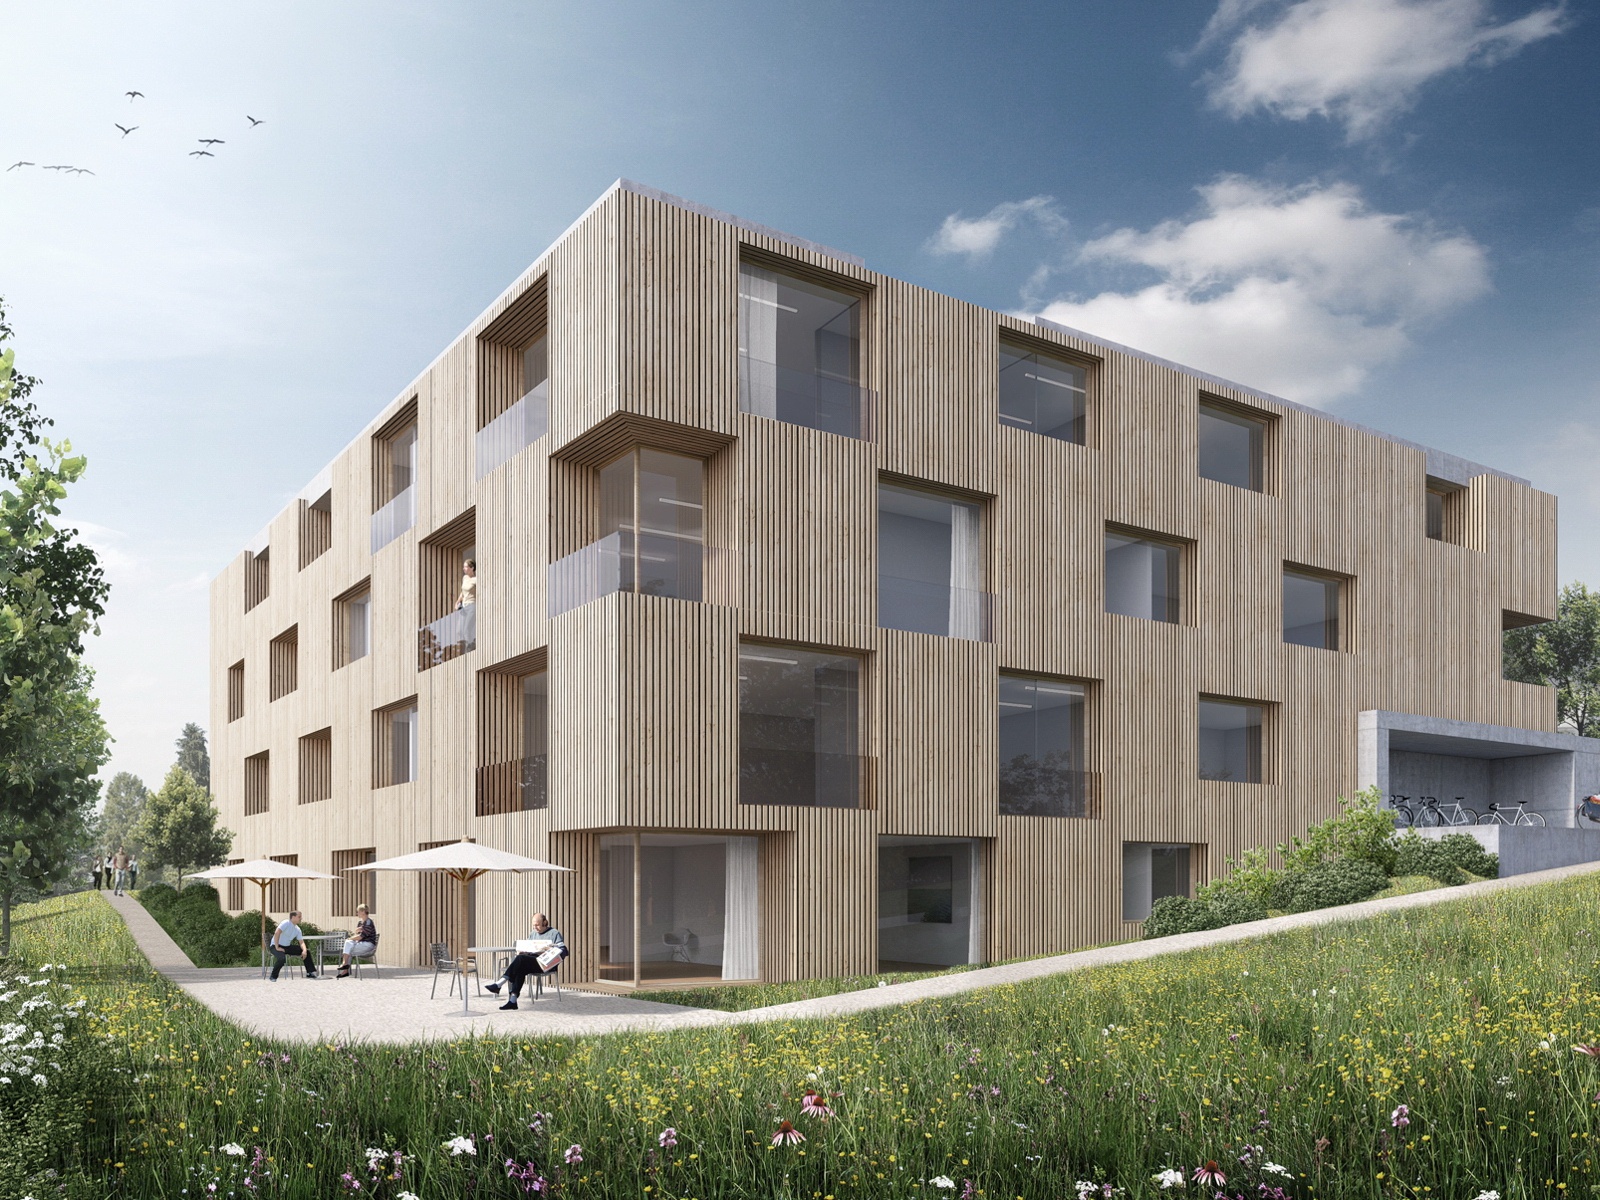 Wohnheim f r autisten bern be 2013 - Bachmann badie architekten ...